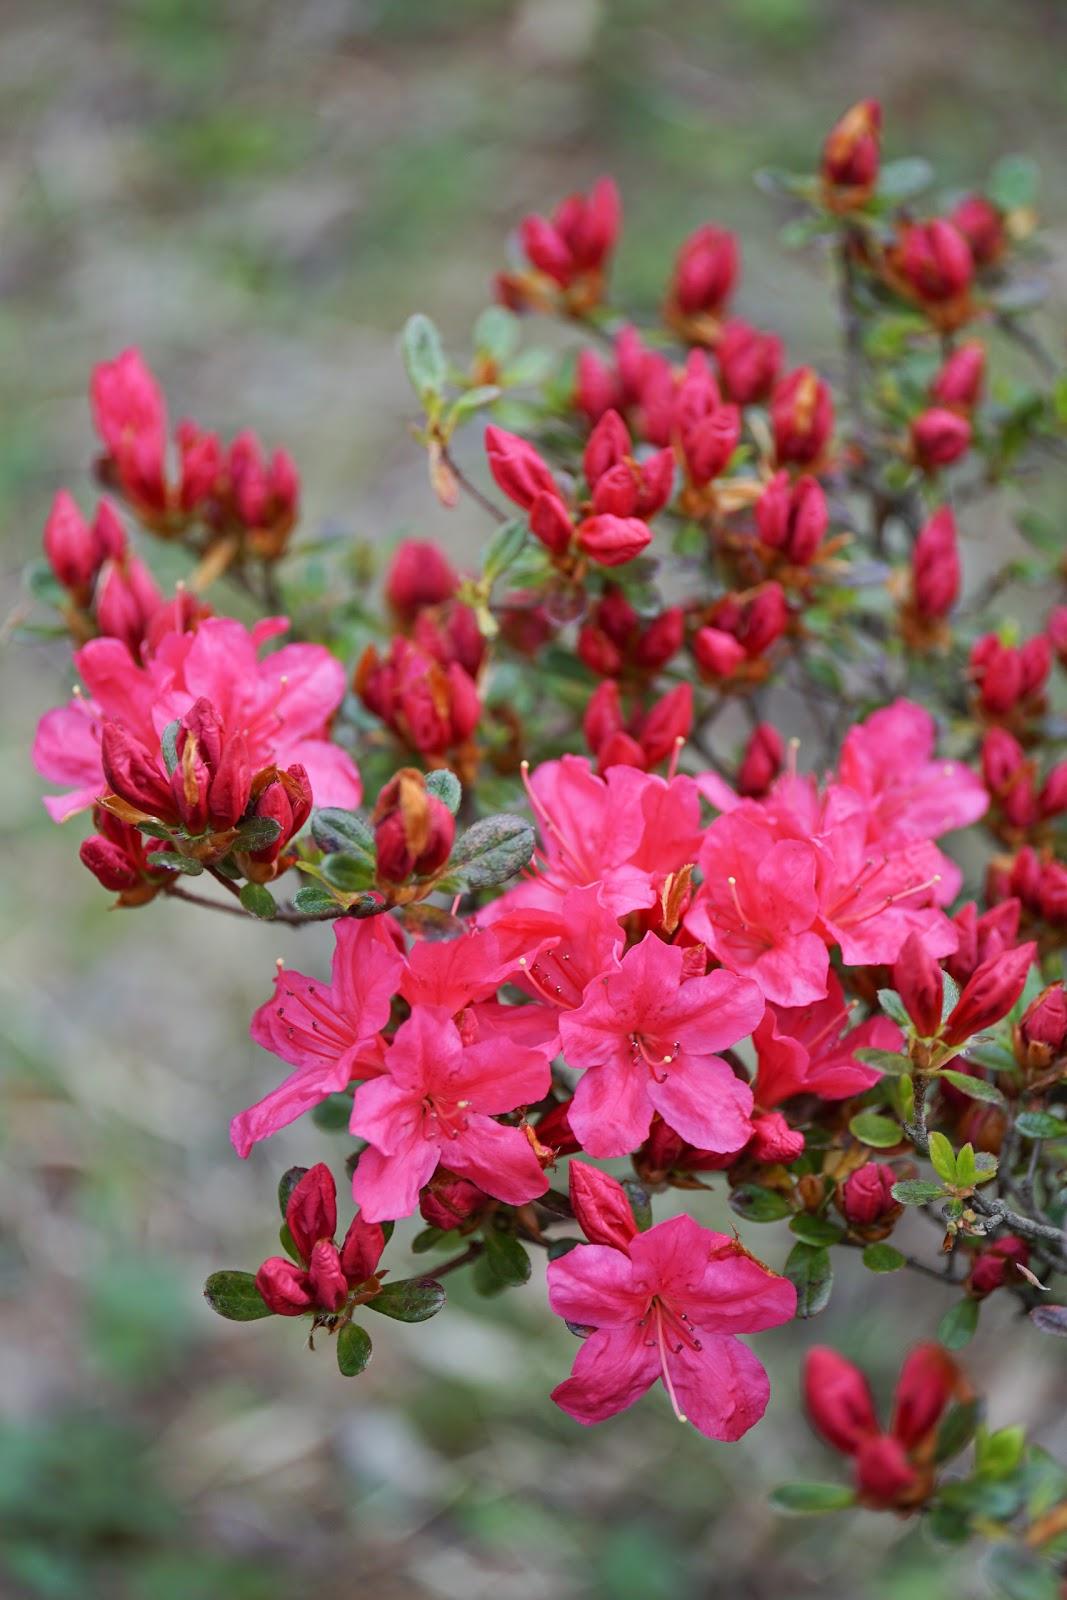 赤い躑躅の花と蕾